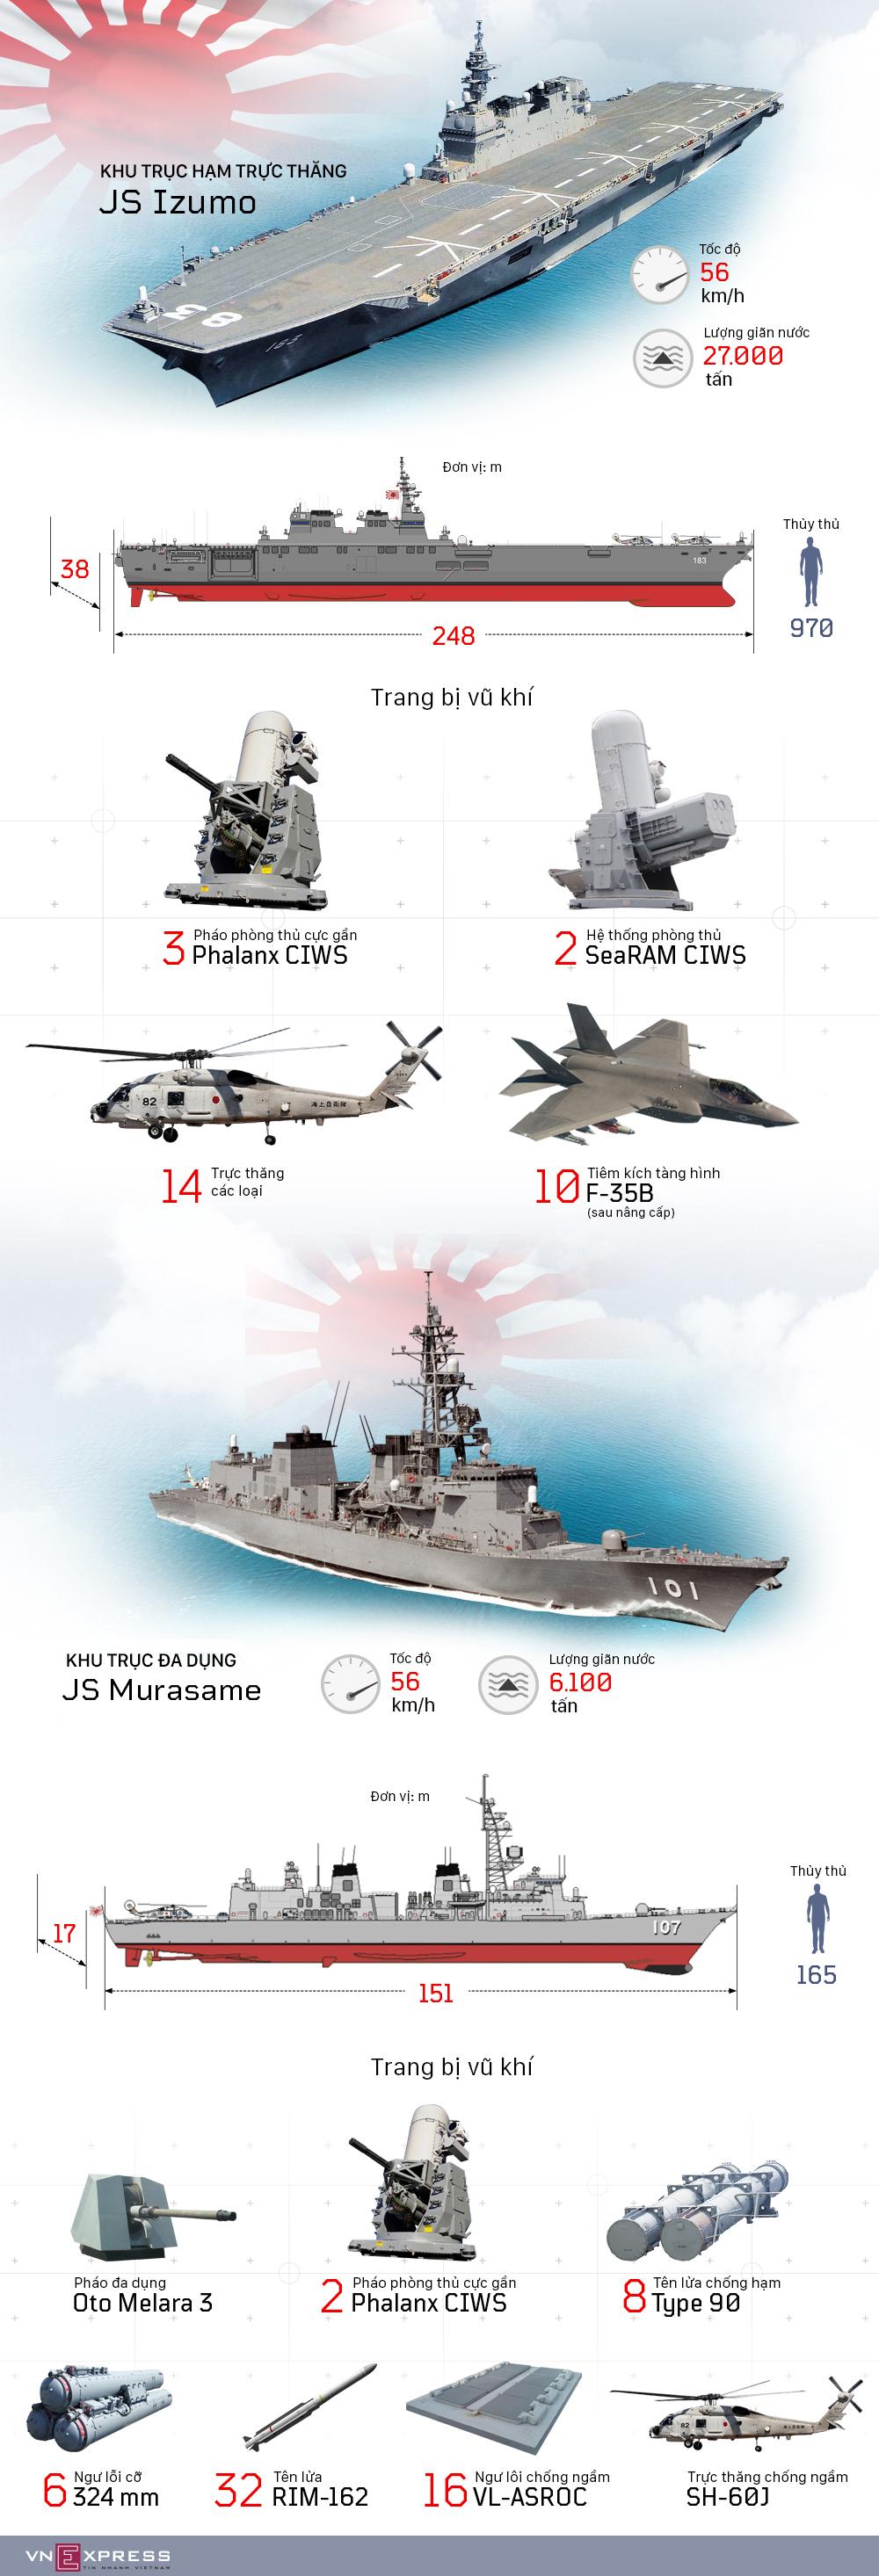 Uy lực chiến hạm lớn nhất Nhật Bản đang thăm Việt Nam